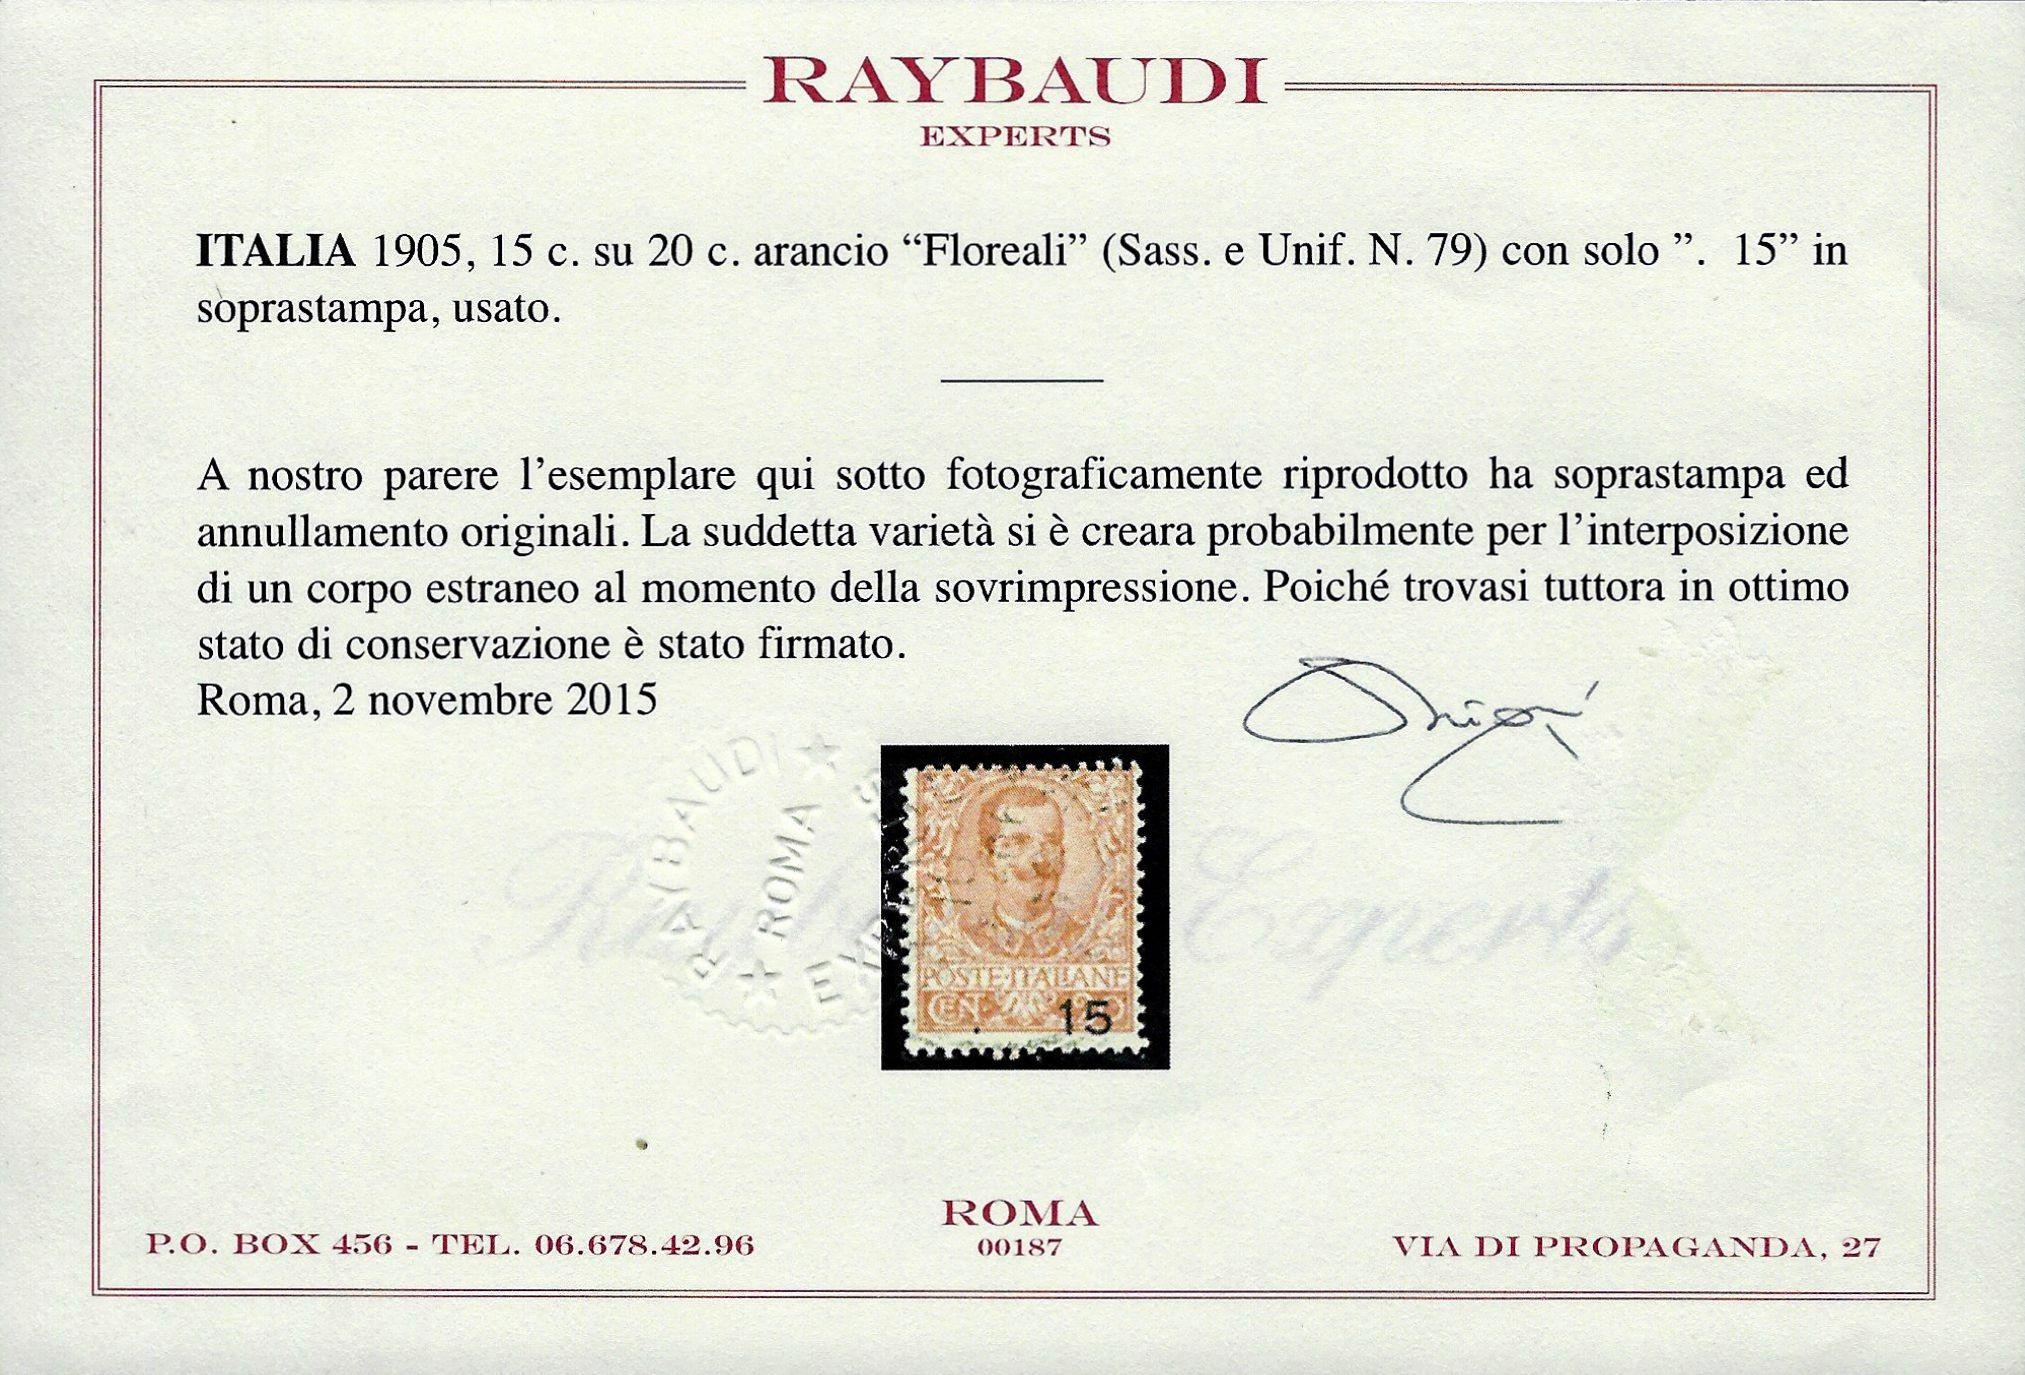 1905 Varietà certificata Raybaudi